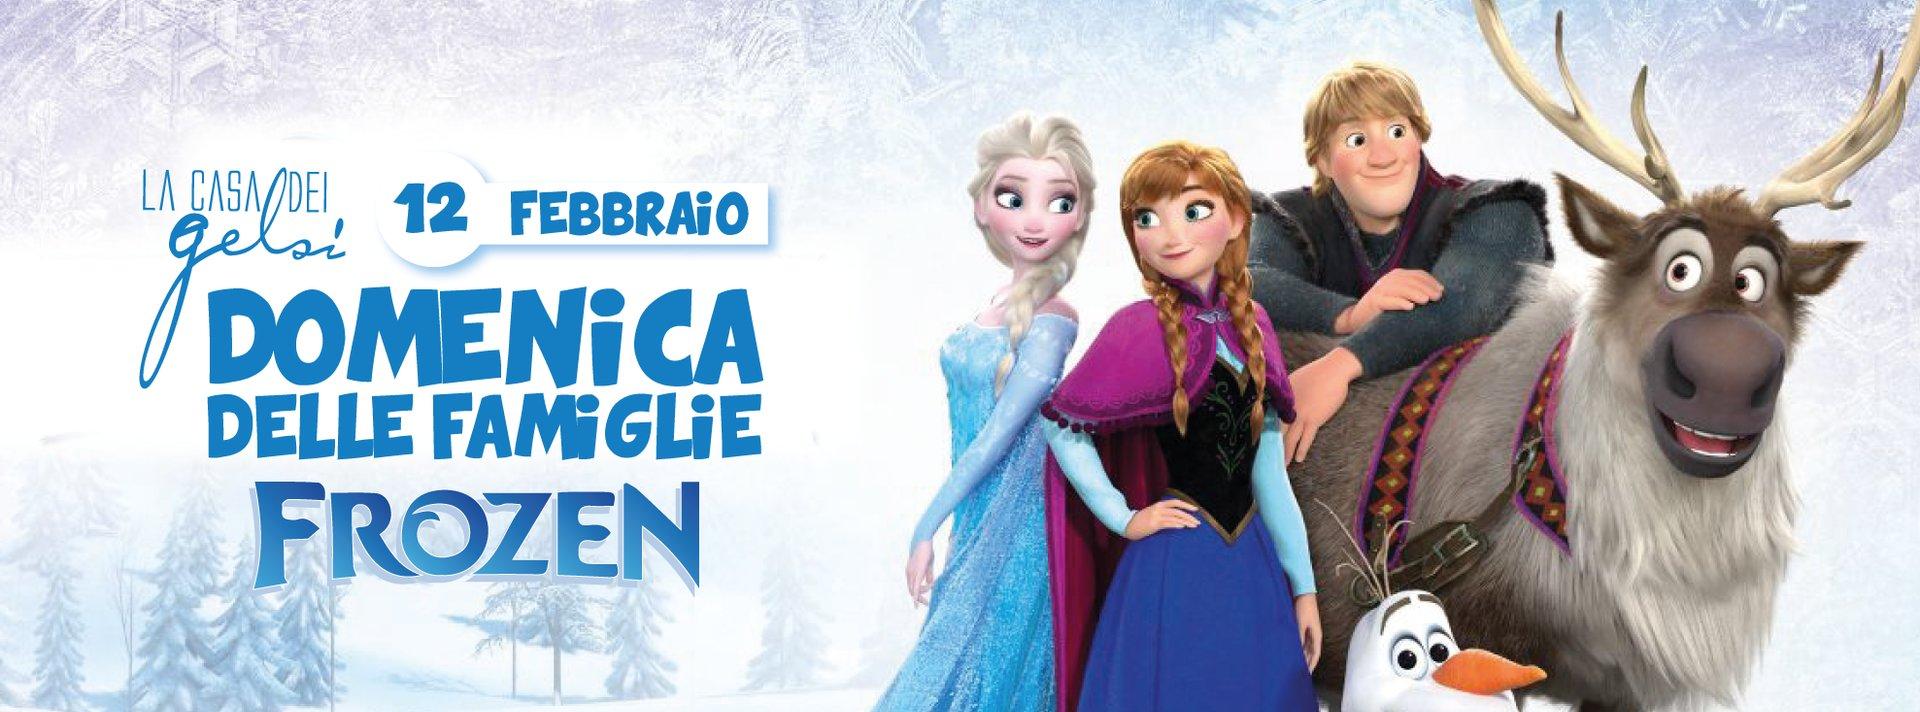 Frozen - Domenica delle famiglie alla Casa dei Gel